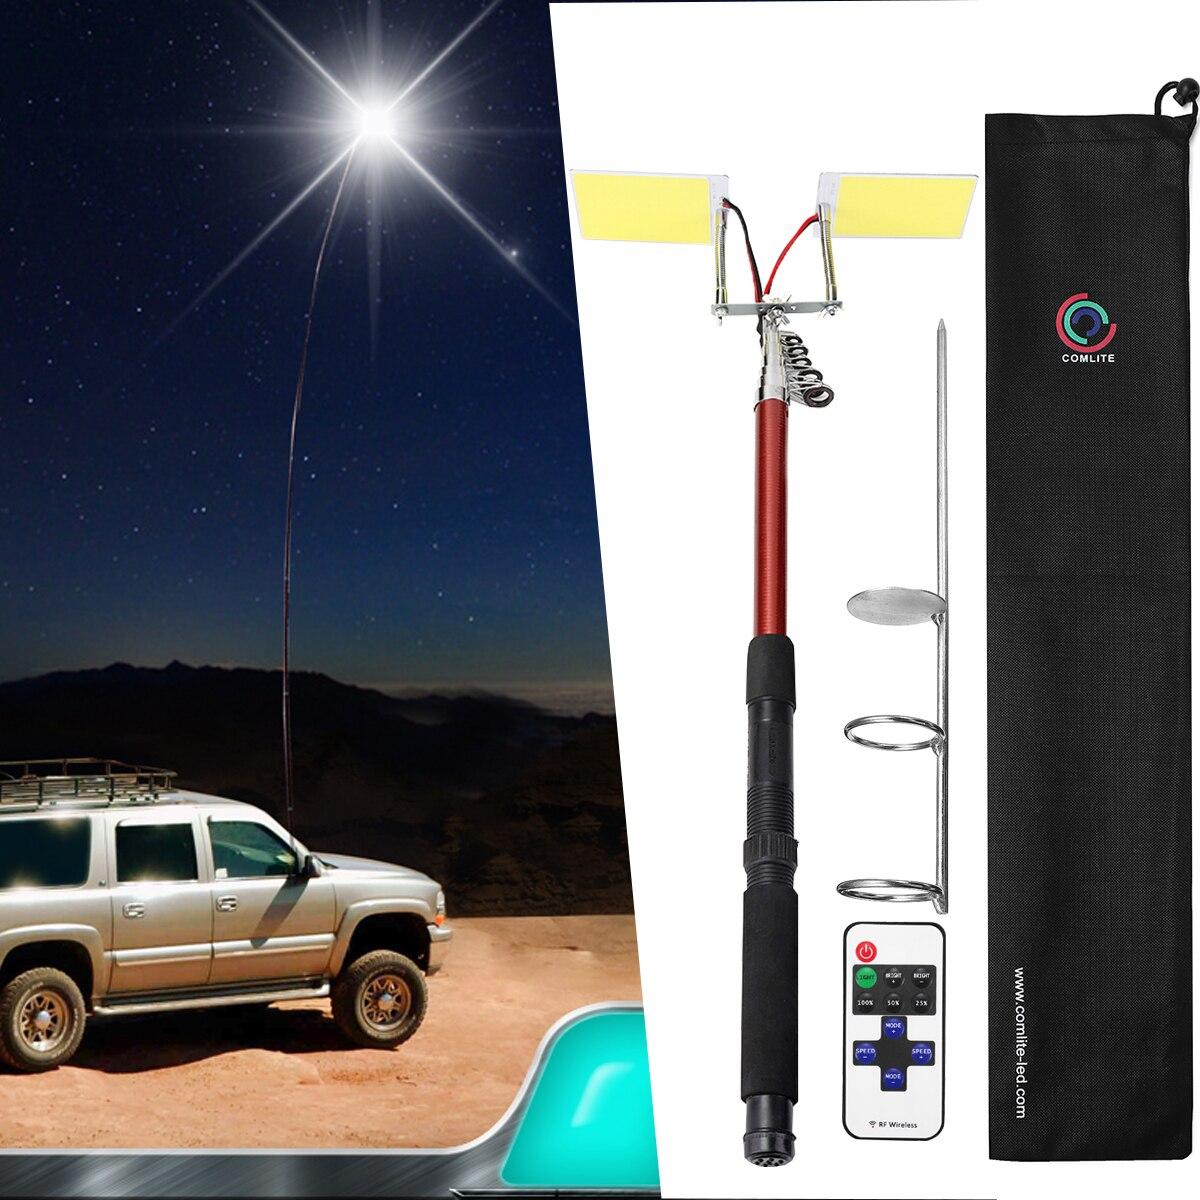 3.75 m 12 v LED Telescópica Vara De Pesca Ao Ar Livre Lanterna de Acampamento Lâmpada Luz para Viajar de Viagem de Auto-drive com Controle Remoto